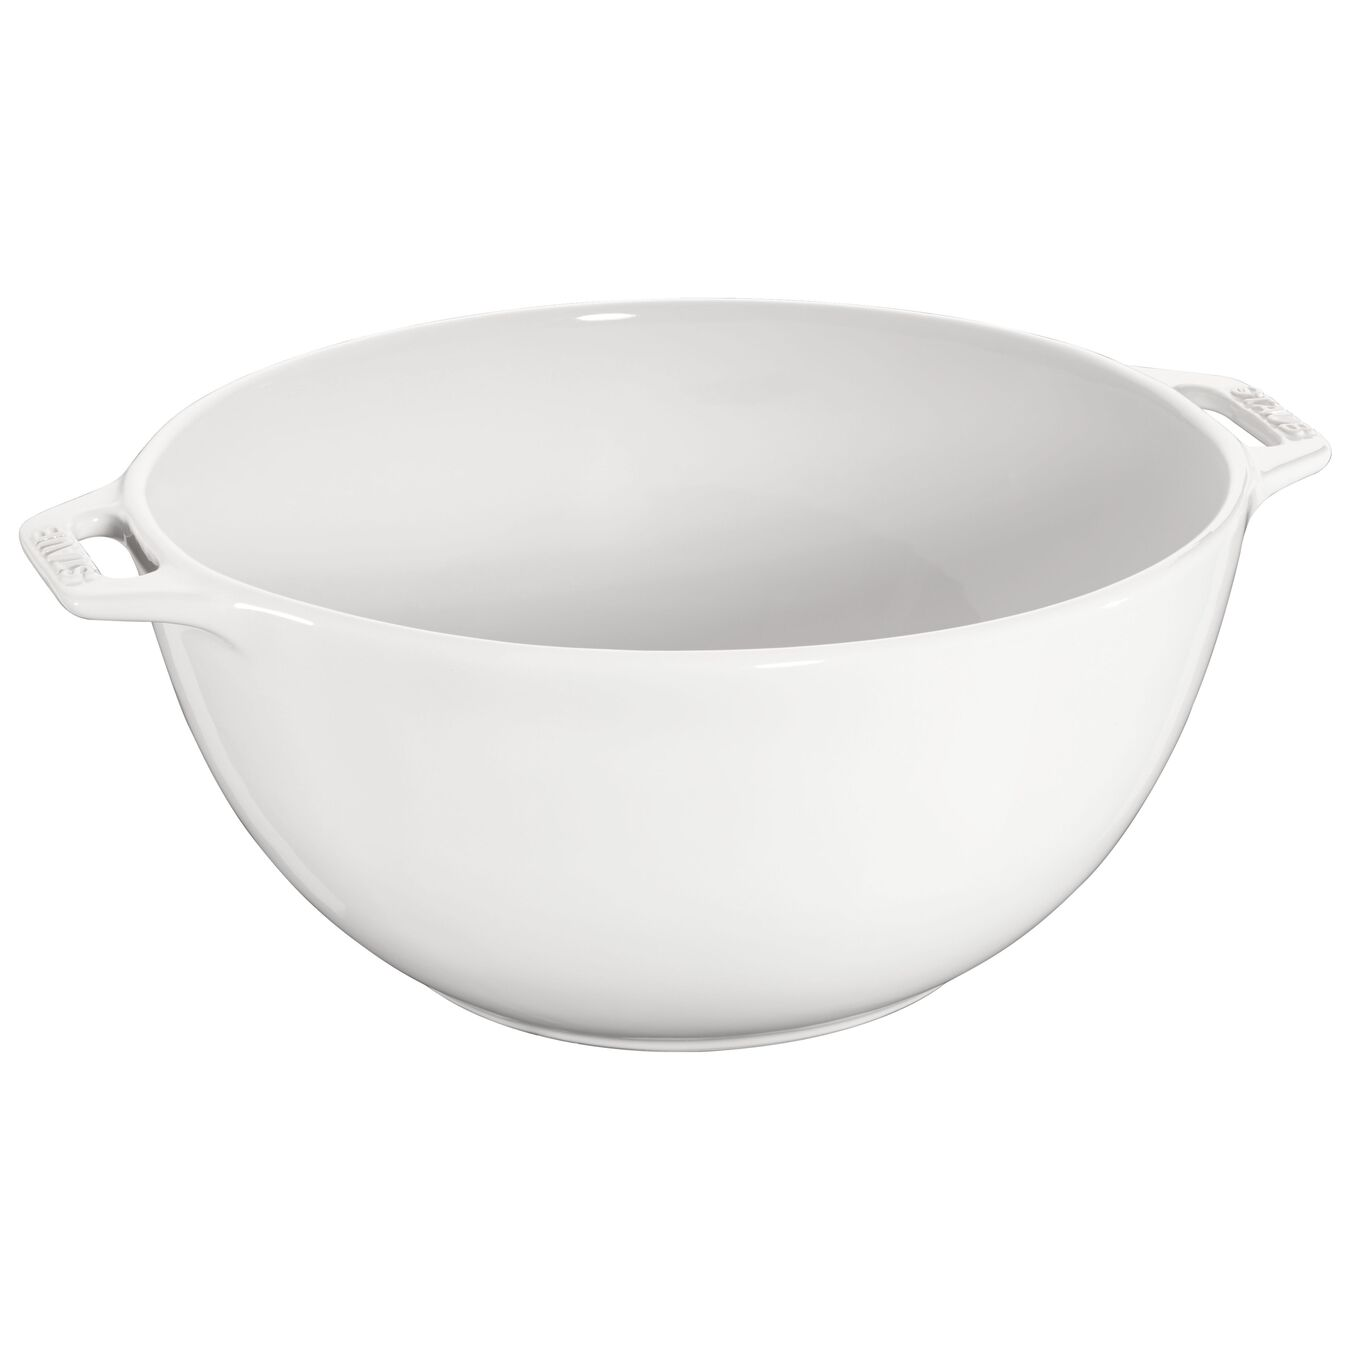 Bol 25 cm, Blanc pur, Céramique,,large 1